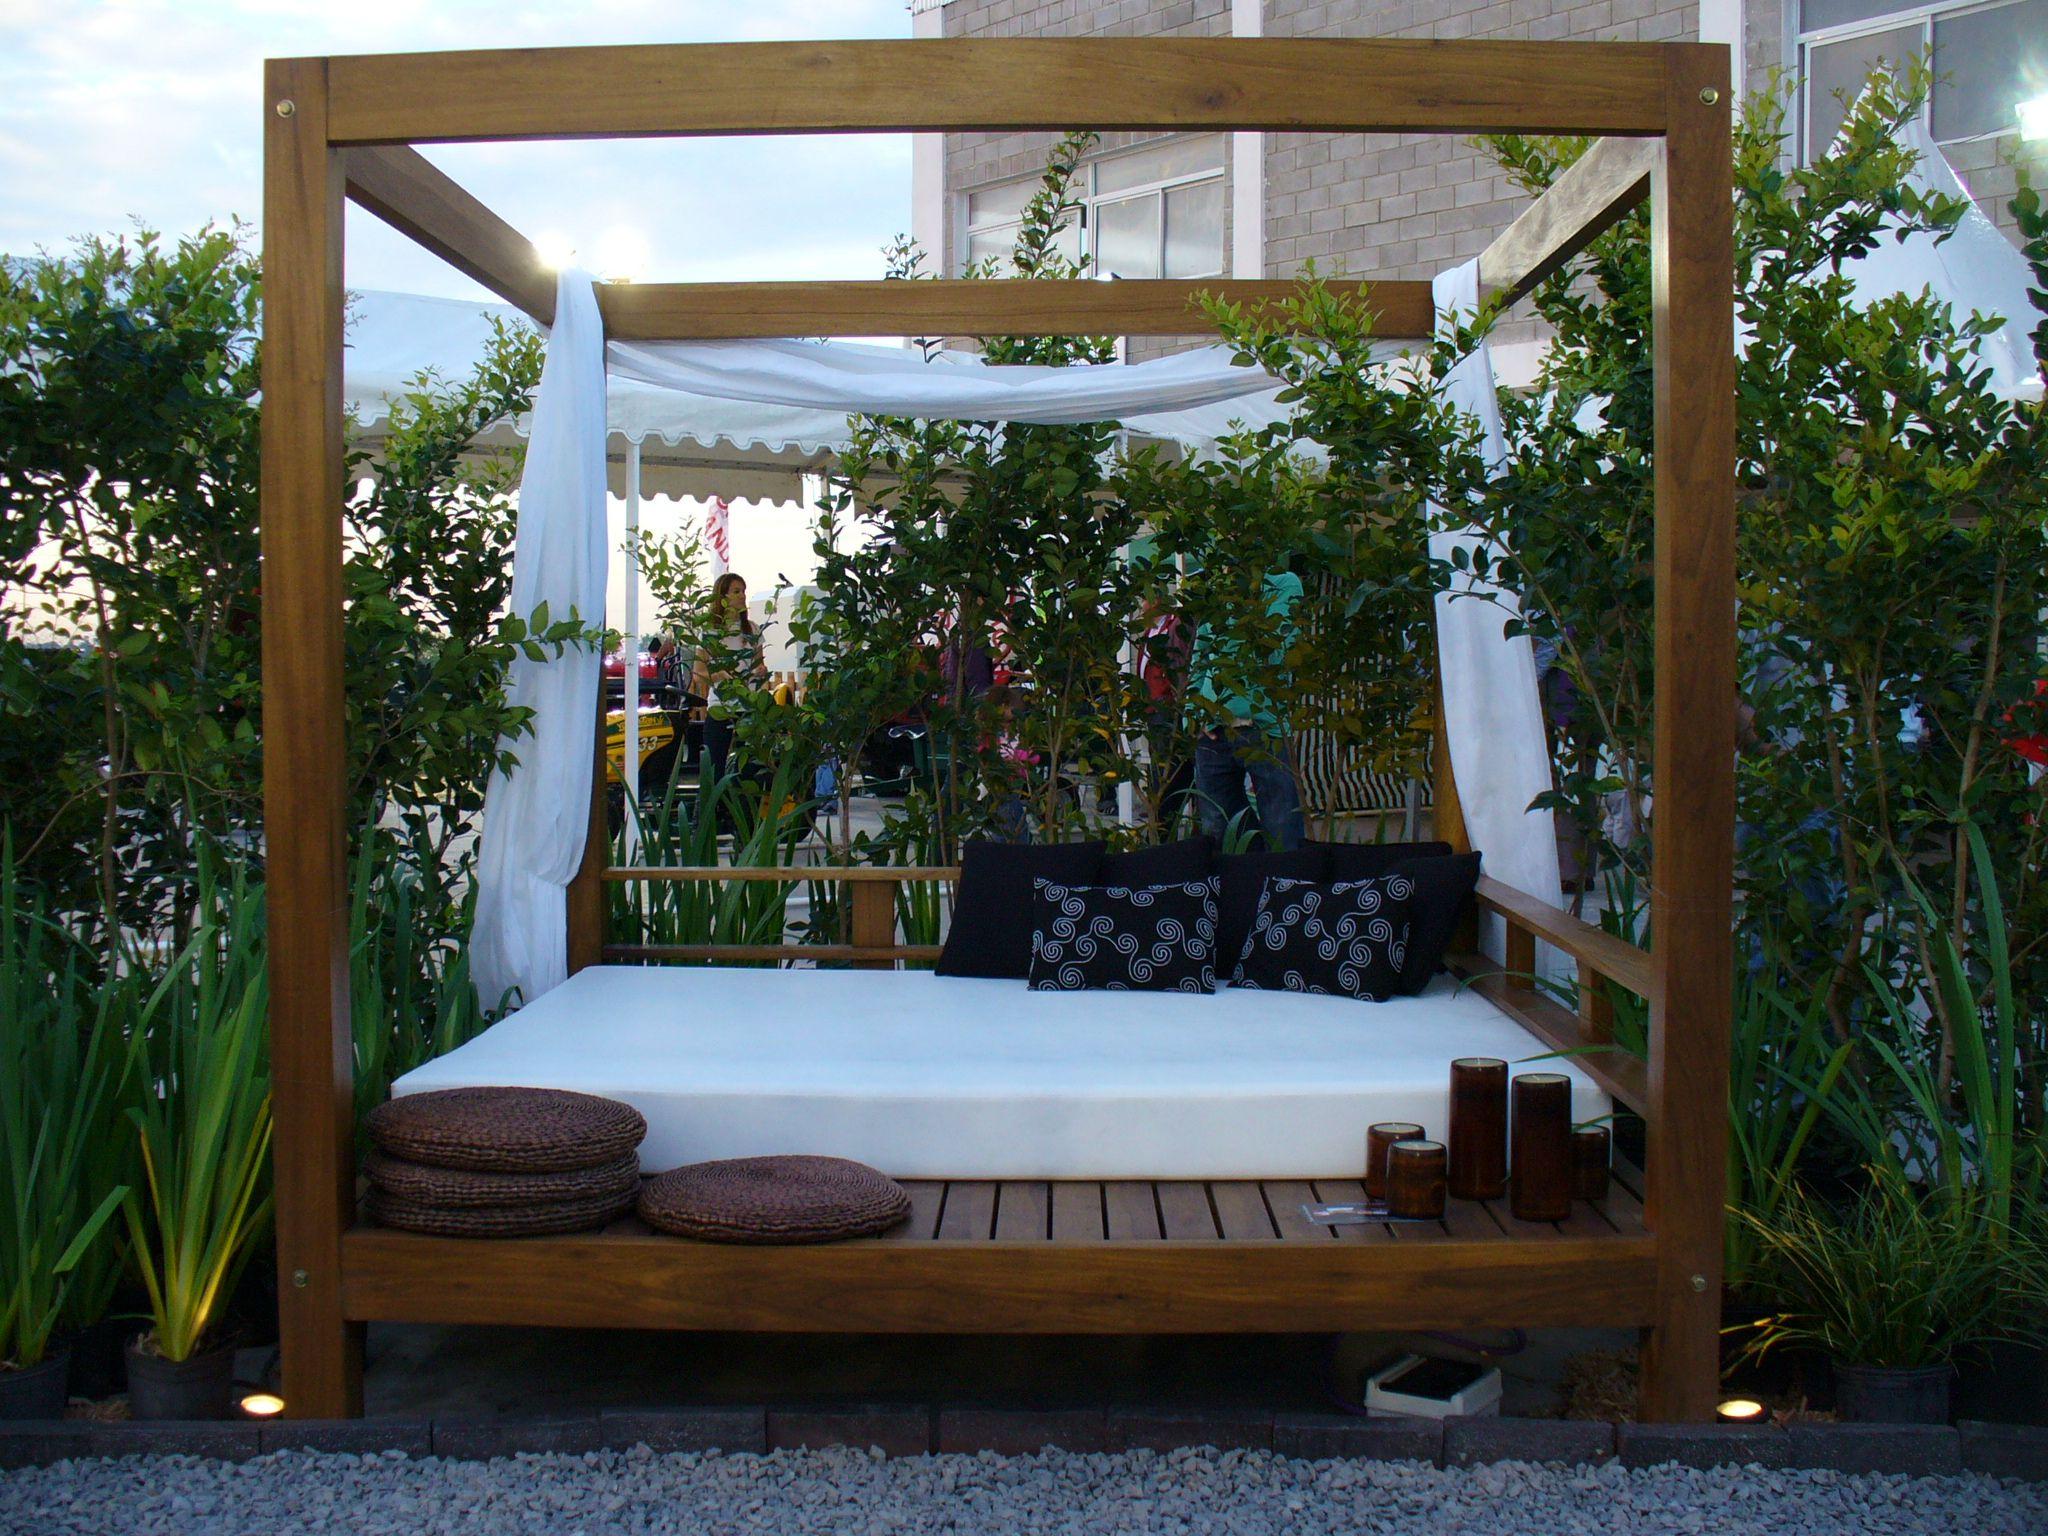 Camastro bali con almohadones color tierra sobrio c lido for the home patio con piscina Almohadones exterior